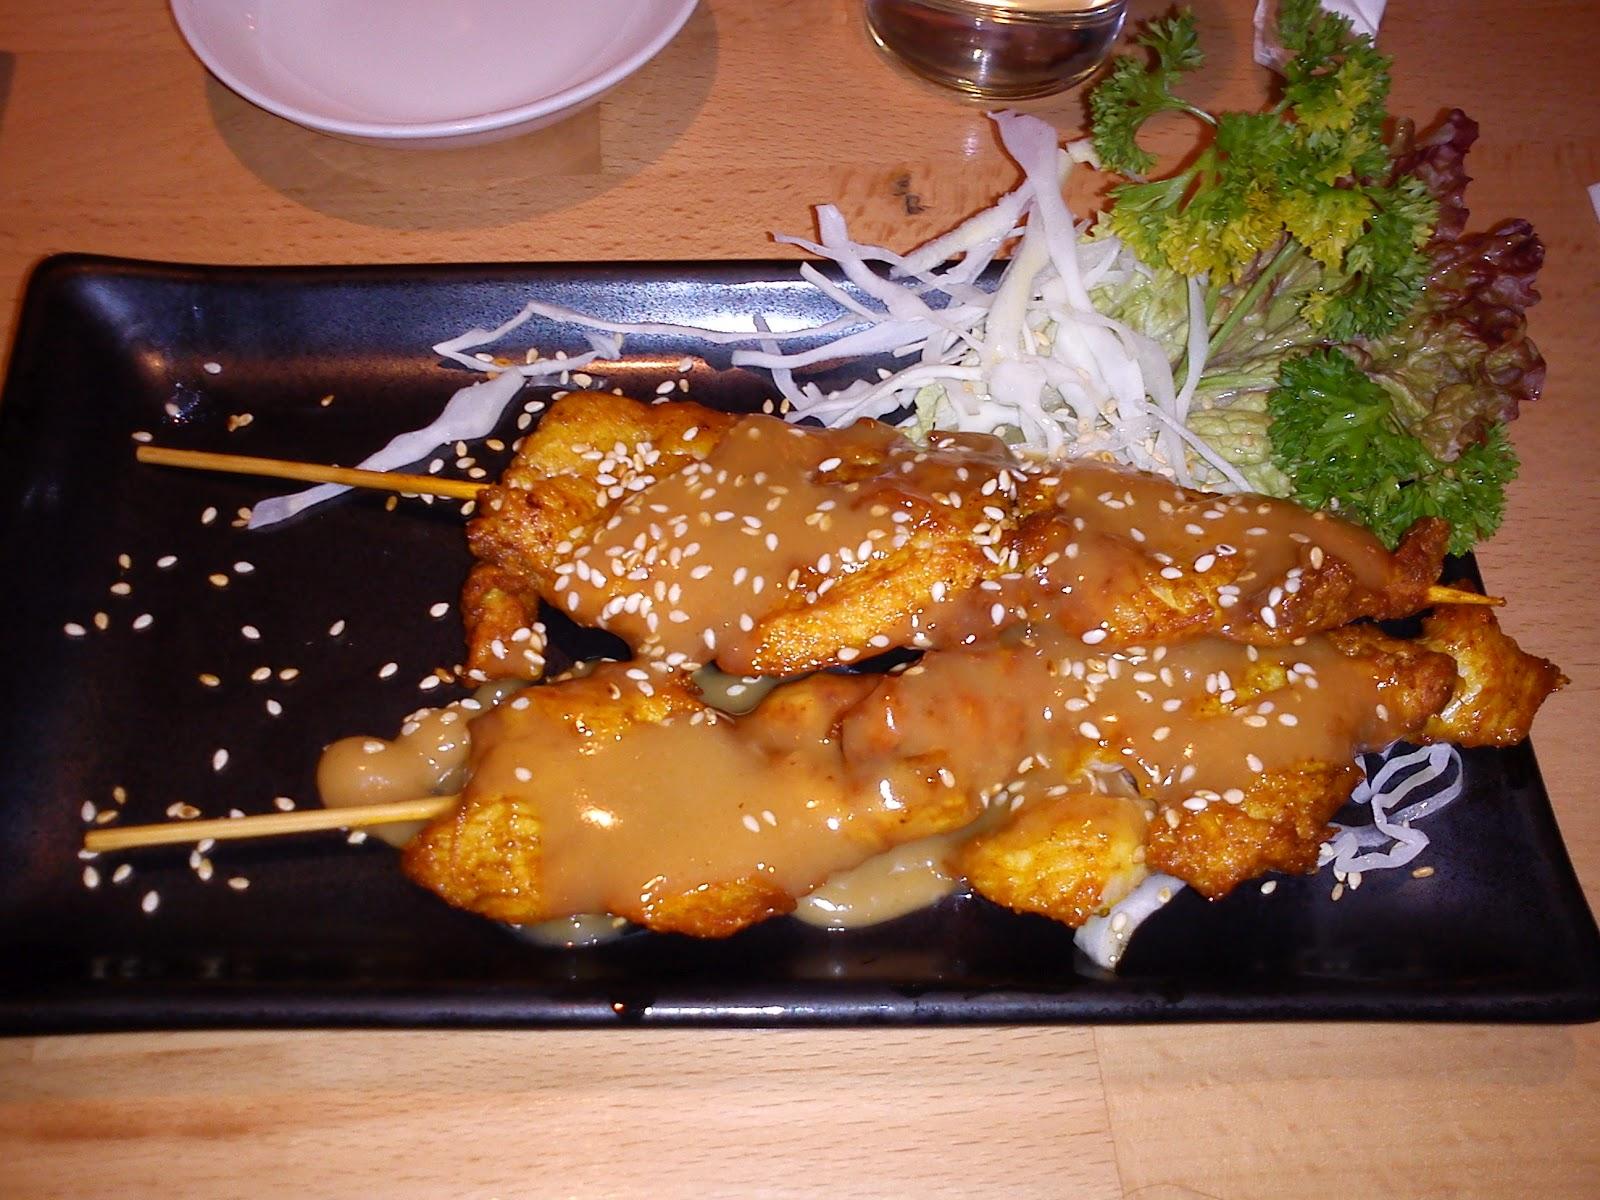 Tasty Bento Geburtstagsessen Bei Best Friends Sushi